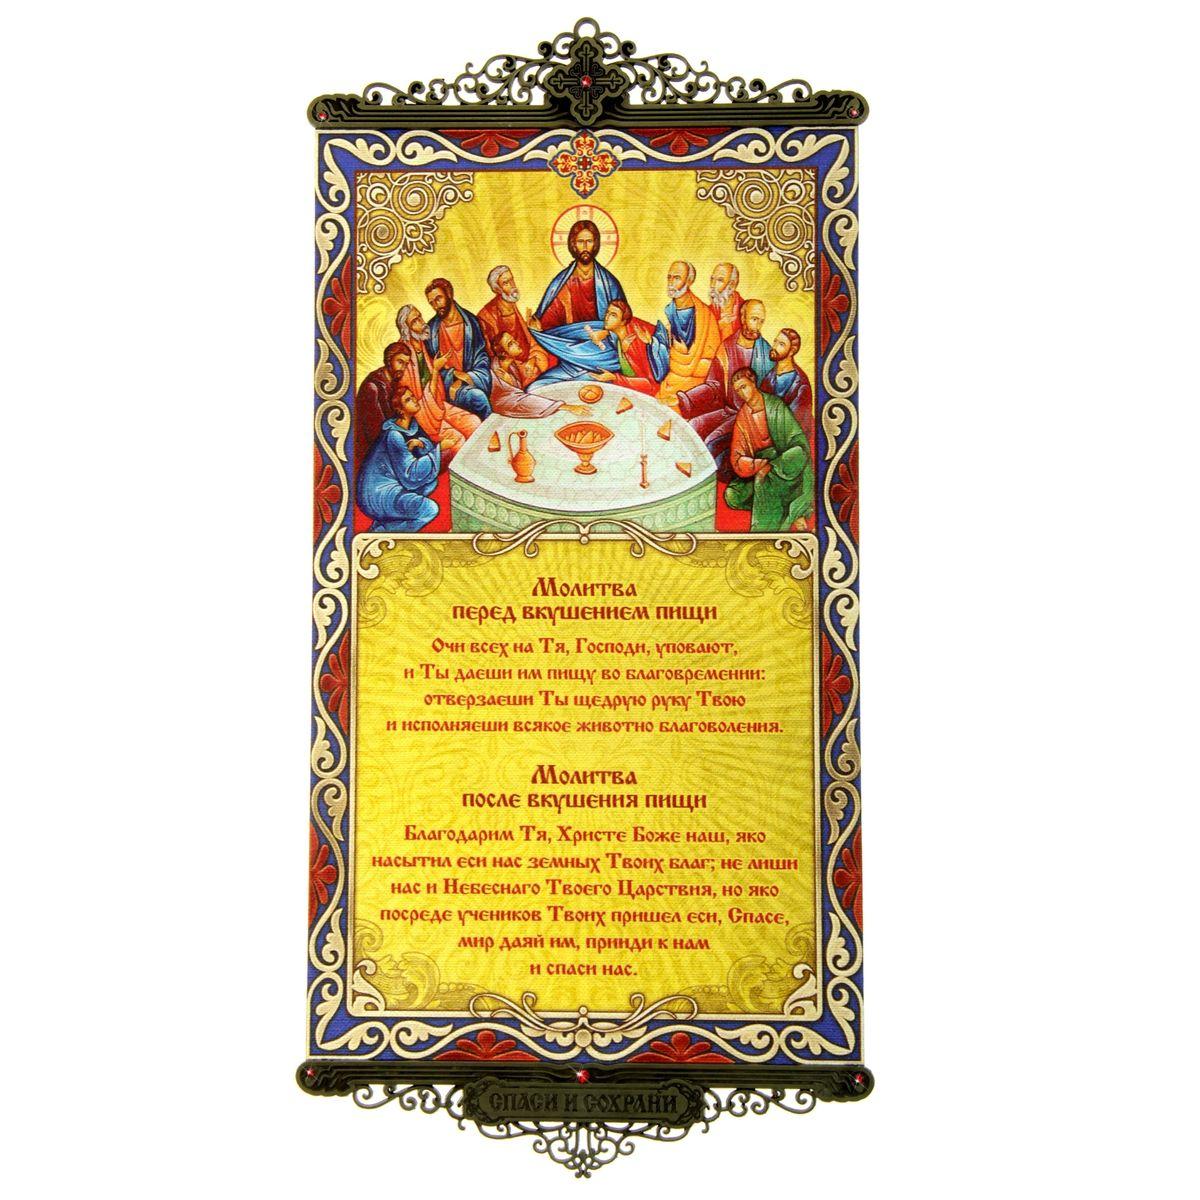 Икона с молитвой Молитва перед вкушением пищи и после, на подвесах602825Икона с молитвой Молитва перед вкушением пищи и после выполнена из плотного текстиля с нанесенным цветным рисунком, края декорированы ажурными металлическими вставками со стразами. Цветовая гамма и интерьер влияют на настроение каждого, именно поэтому так важны детали, которые нас окружают. Знатоки интерьерных решений стараются применять самые разнообразные решения при художественном оформлении внутреннего пространства и использовать все возможные материалы. Икона с молитвой на подвесах - это хорошее решение для интерьера по выгодной цене!